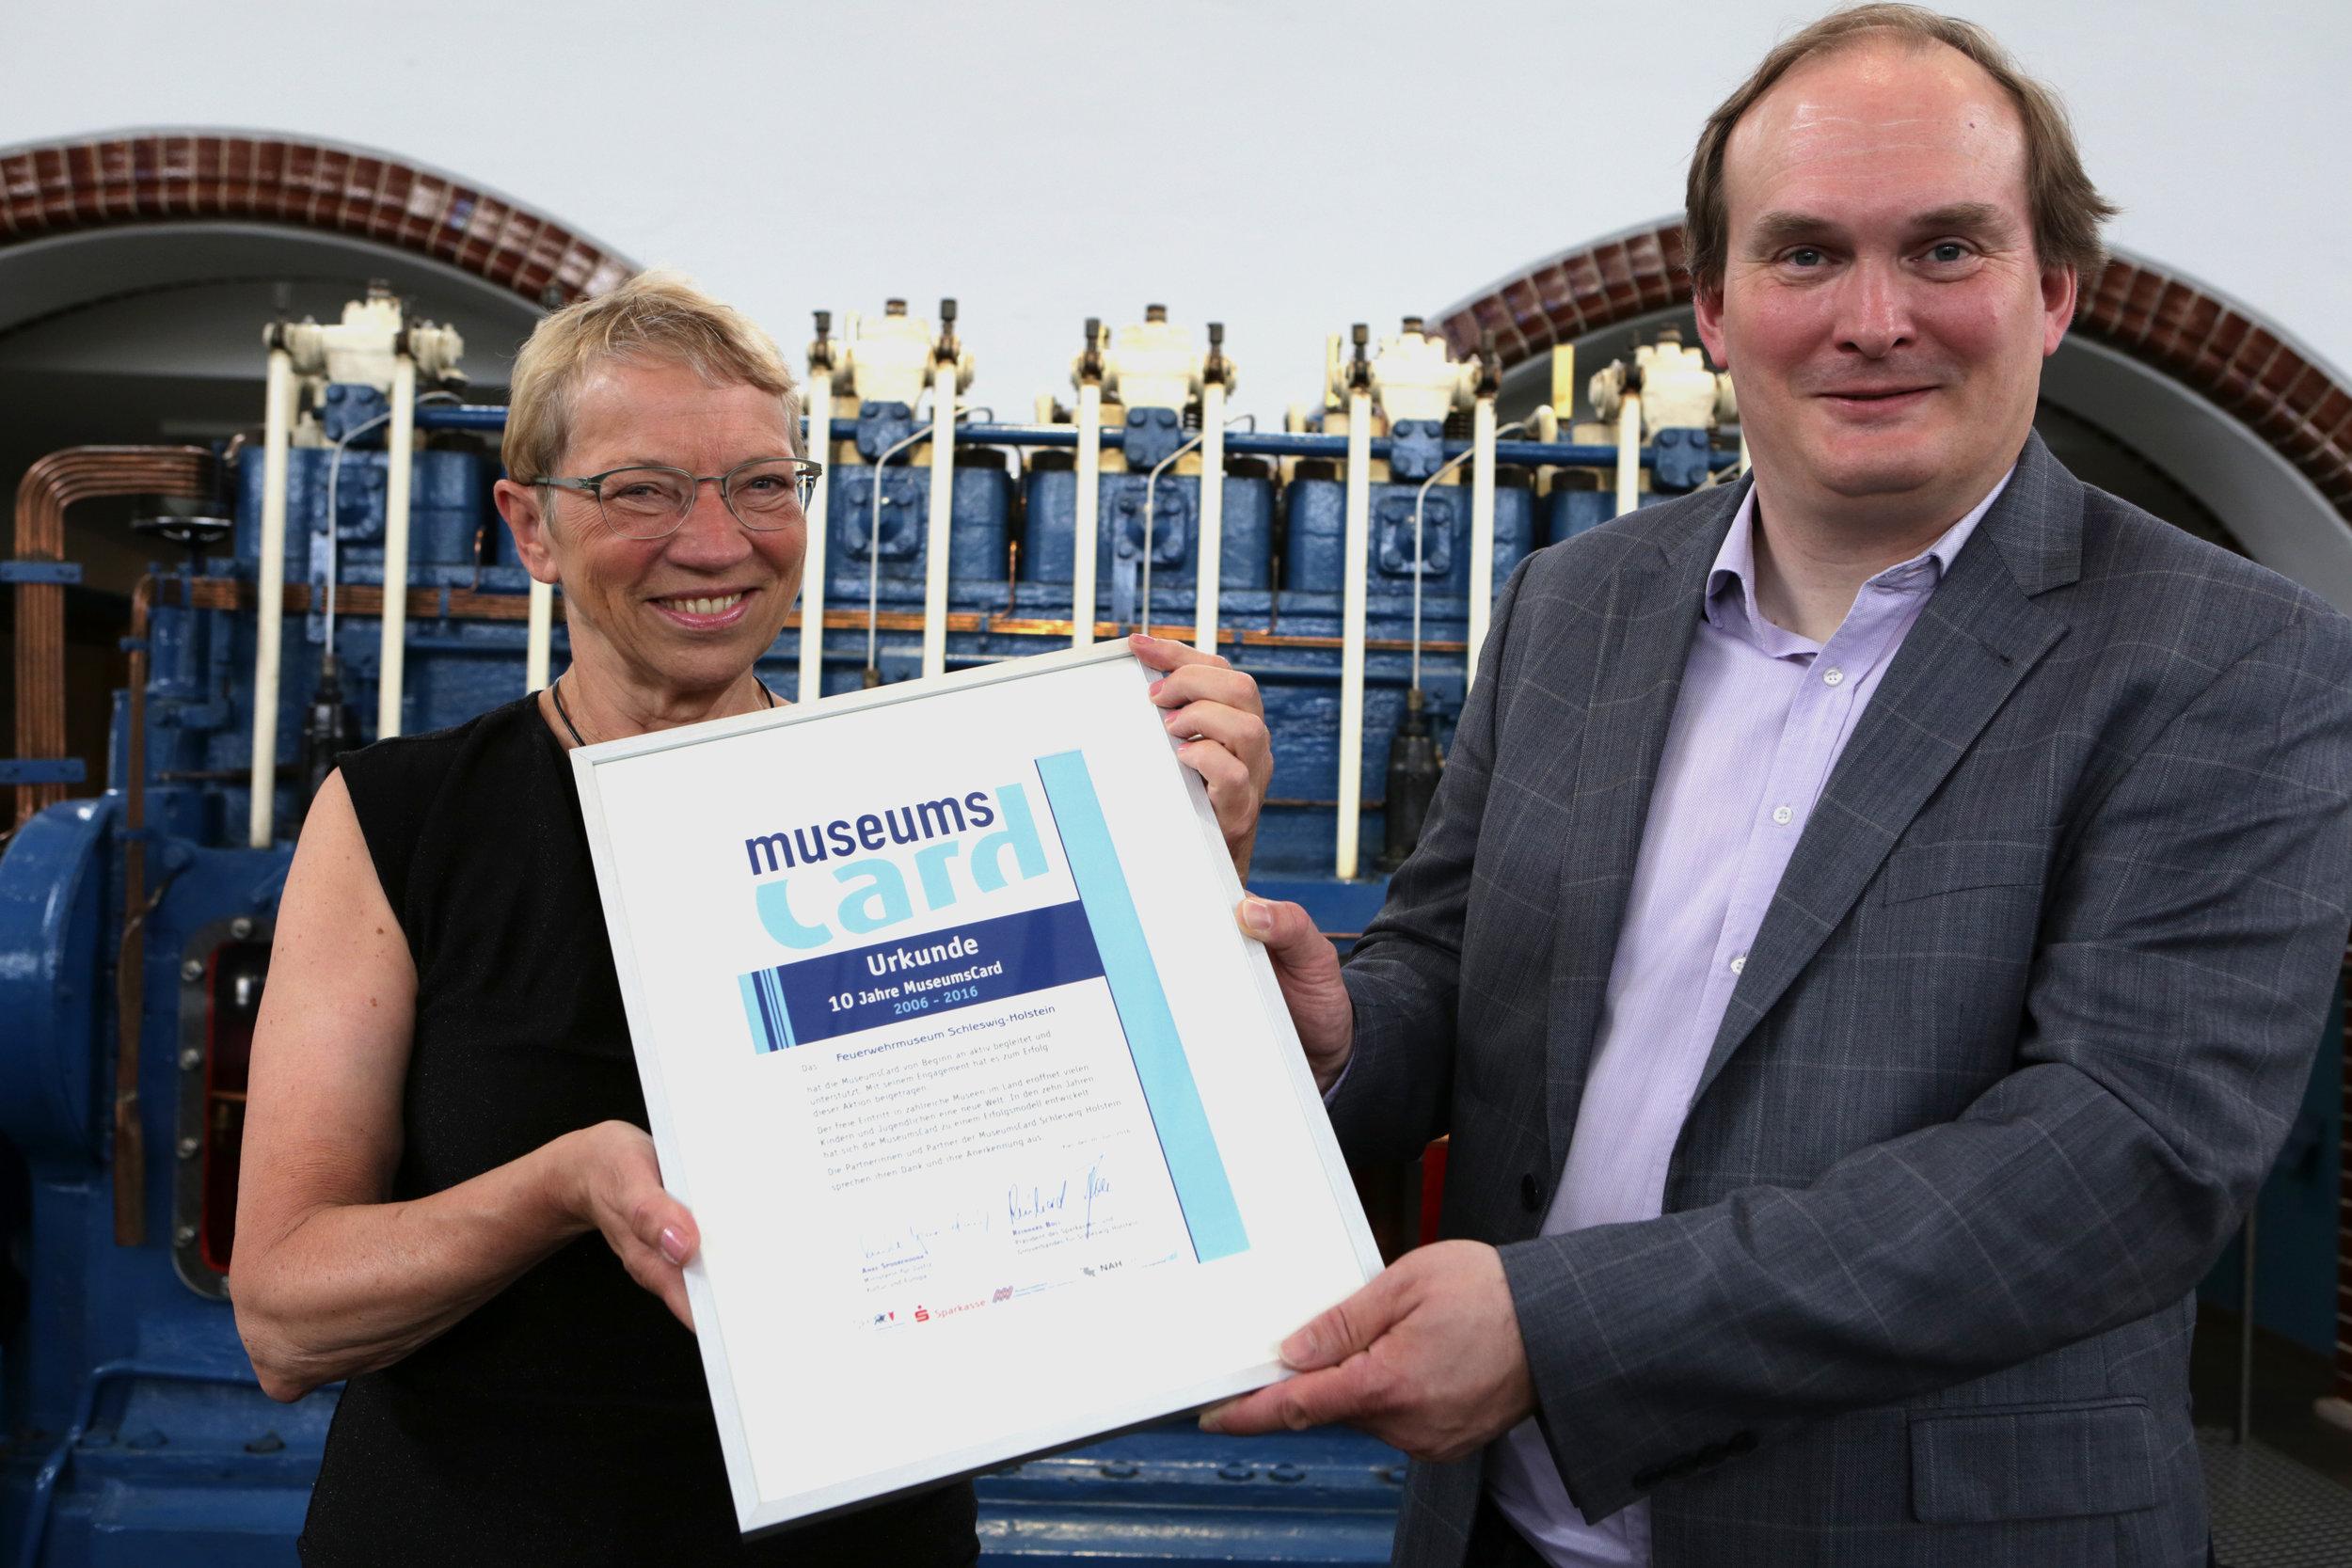 Anke Spoorendonk und Dr. Hajo Brandenburg, Foto: Oke Jens